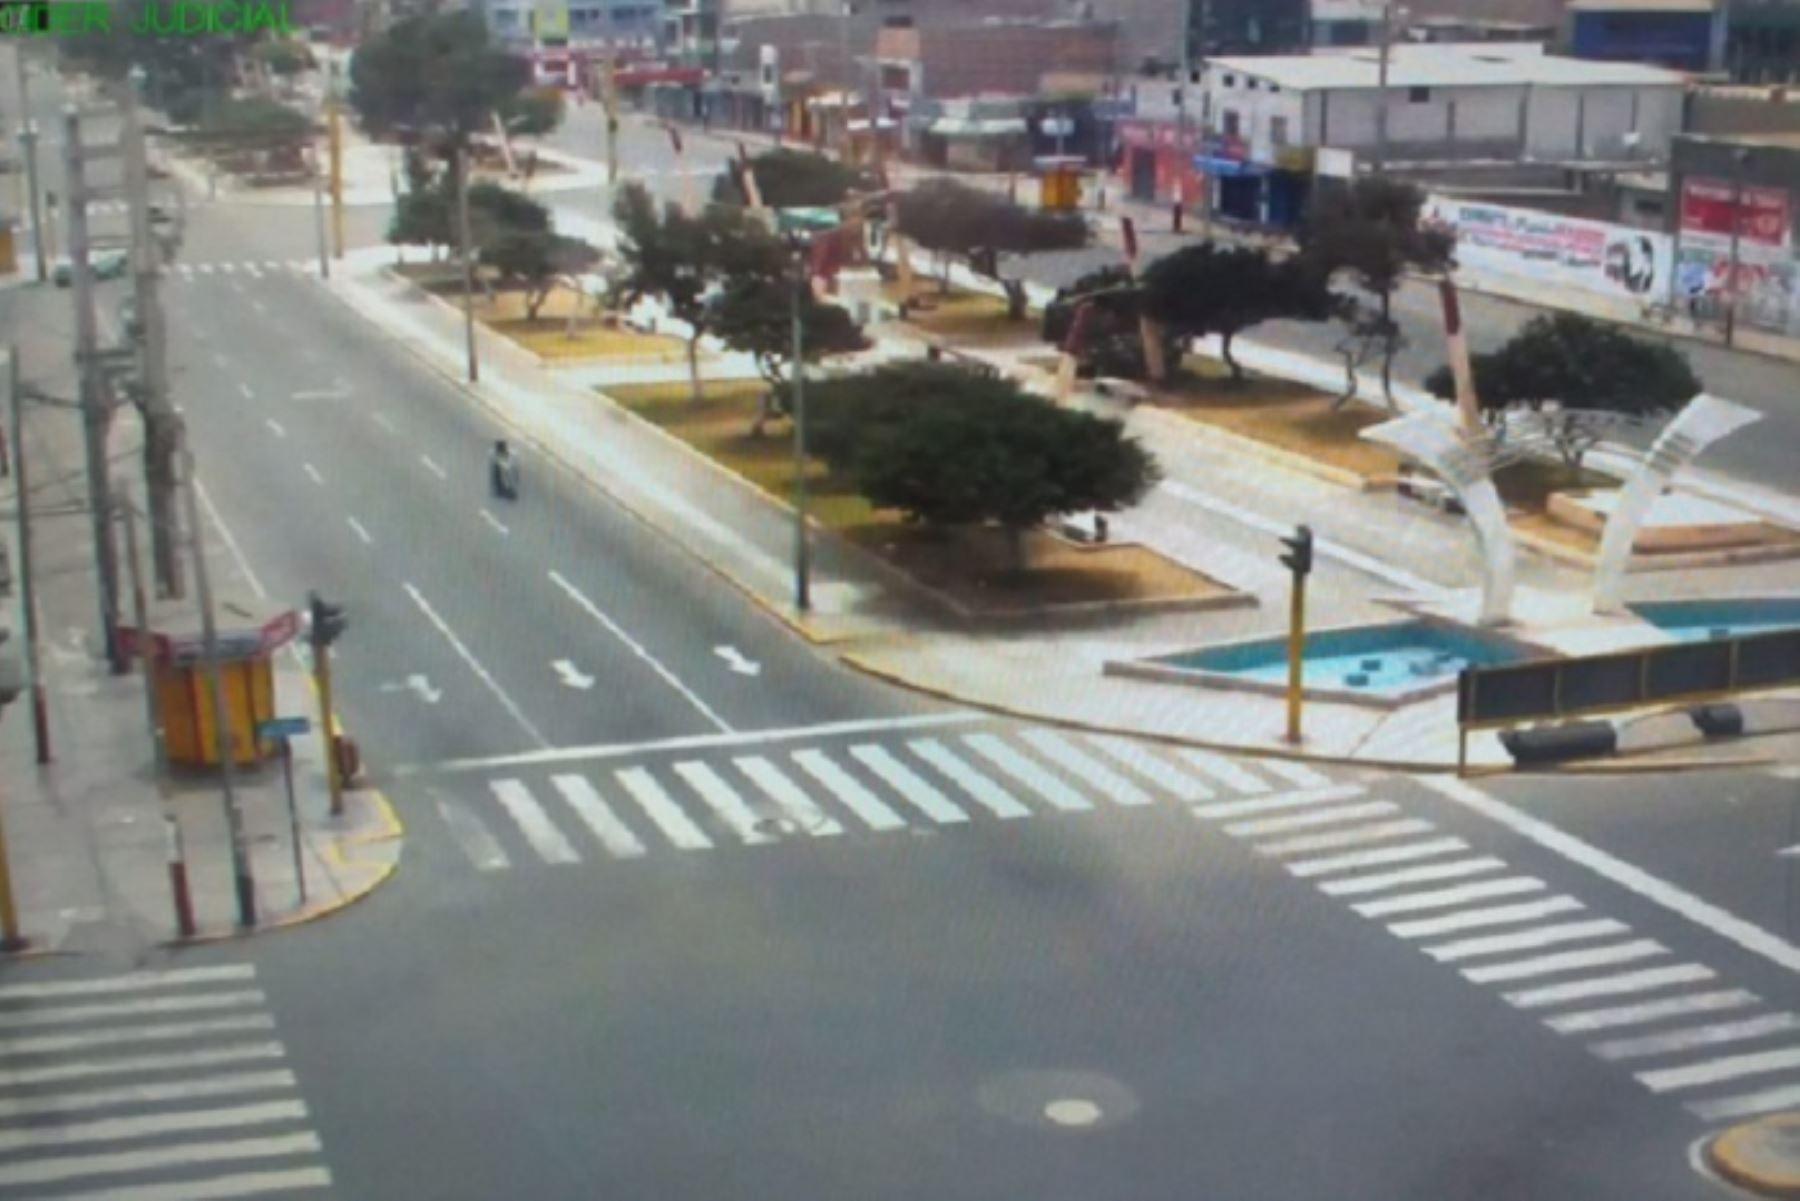 Las cámaras de seguridad de la Municipalidad Provincial del Santa captaron escenas de las más concurridas calles de la ciudad, evidenciándose totalmente desoladas.